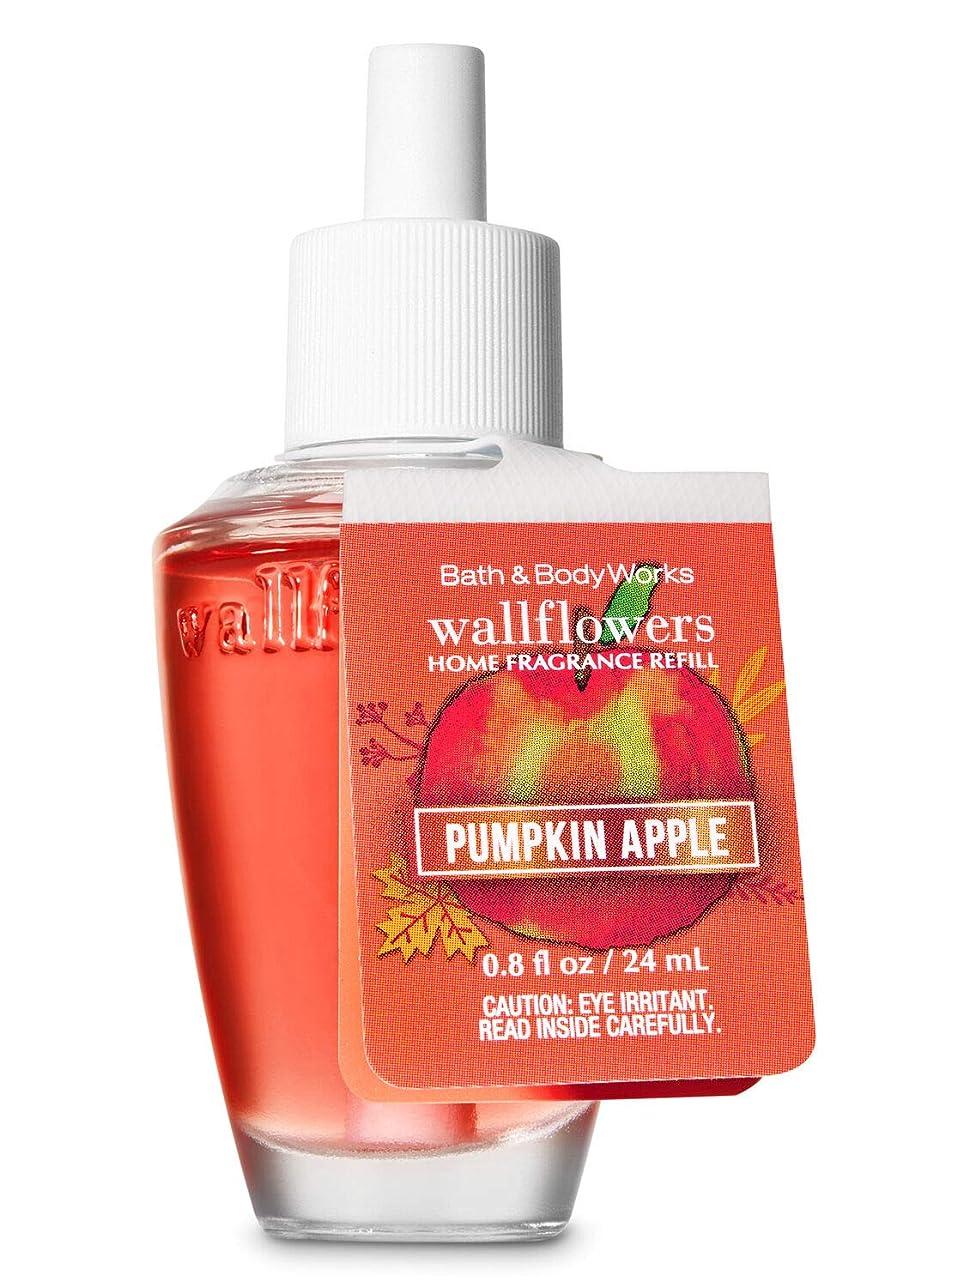 恐怖拍車影響力のある【Bath&Body Works/バス&ボディワークス】 ルームフレグランス 詰替えリフィル パンプキンアップル Wallflowers Home Fragrance Refill Pumpkin Apple [並行輸入品]